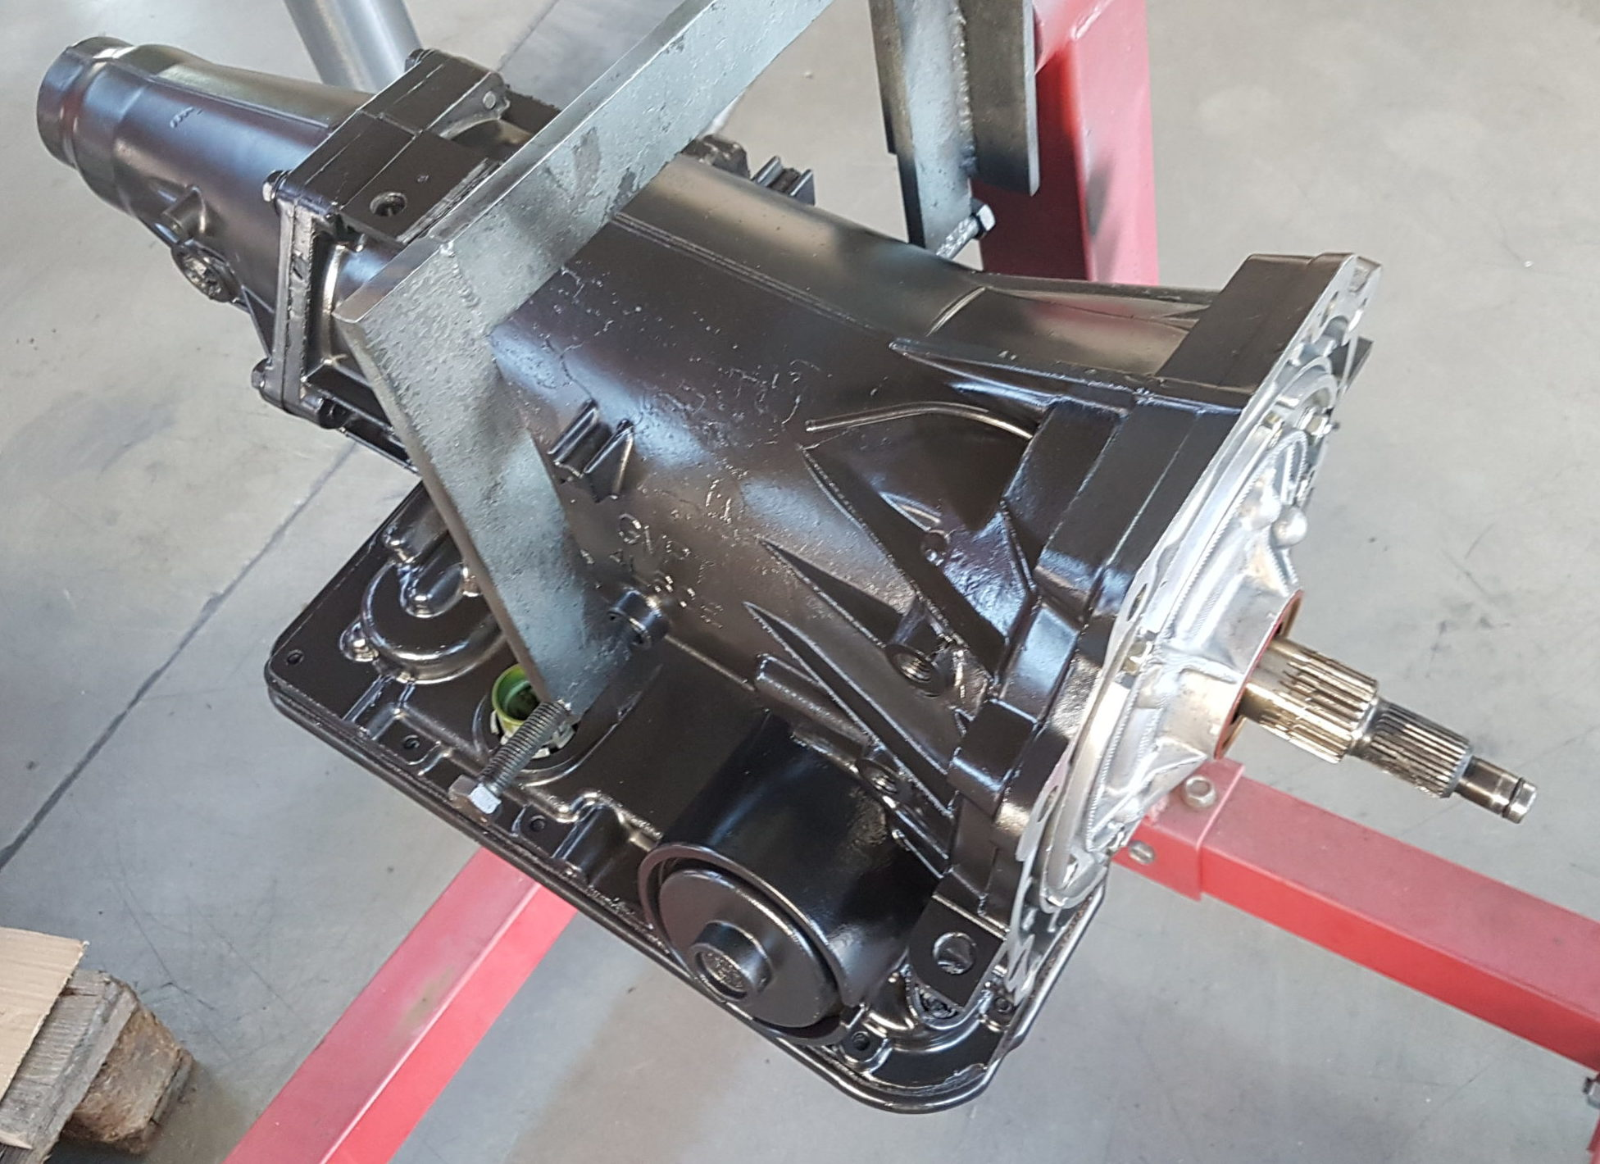 <p>Nachfolgend findet ihr eine Liste der häufigsten Getriebeprobleme vom GM 4L60E-Getriebe und mögliche Reparaturlösungen.</p>